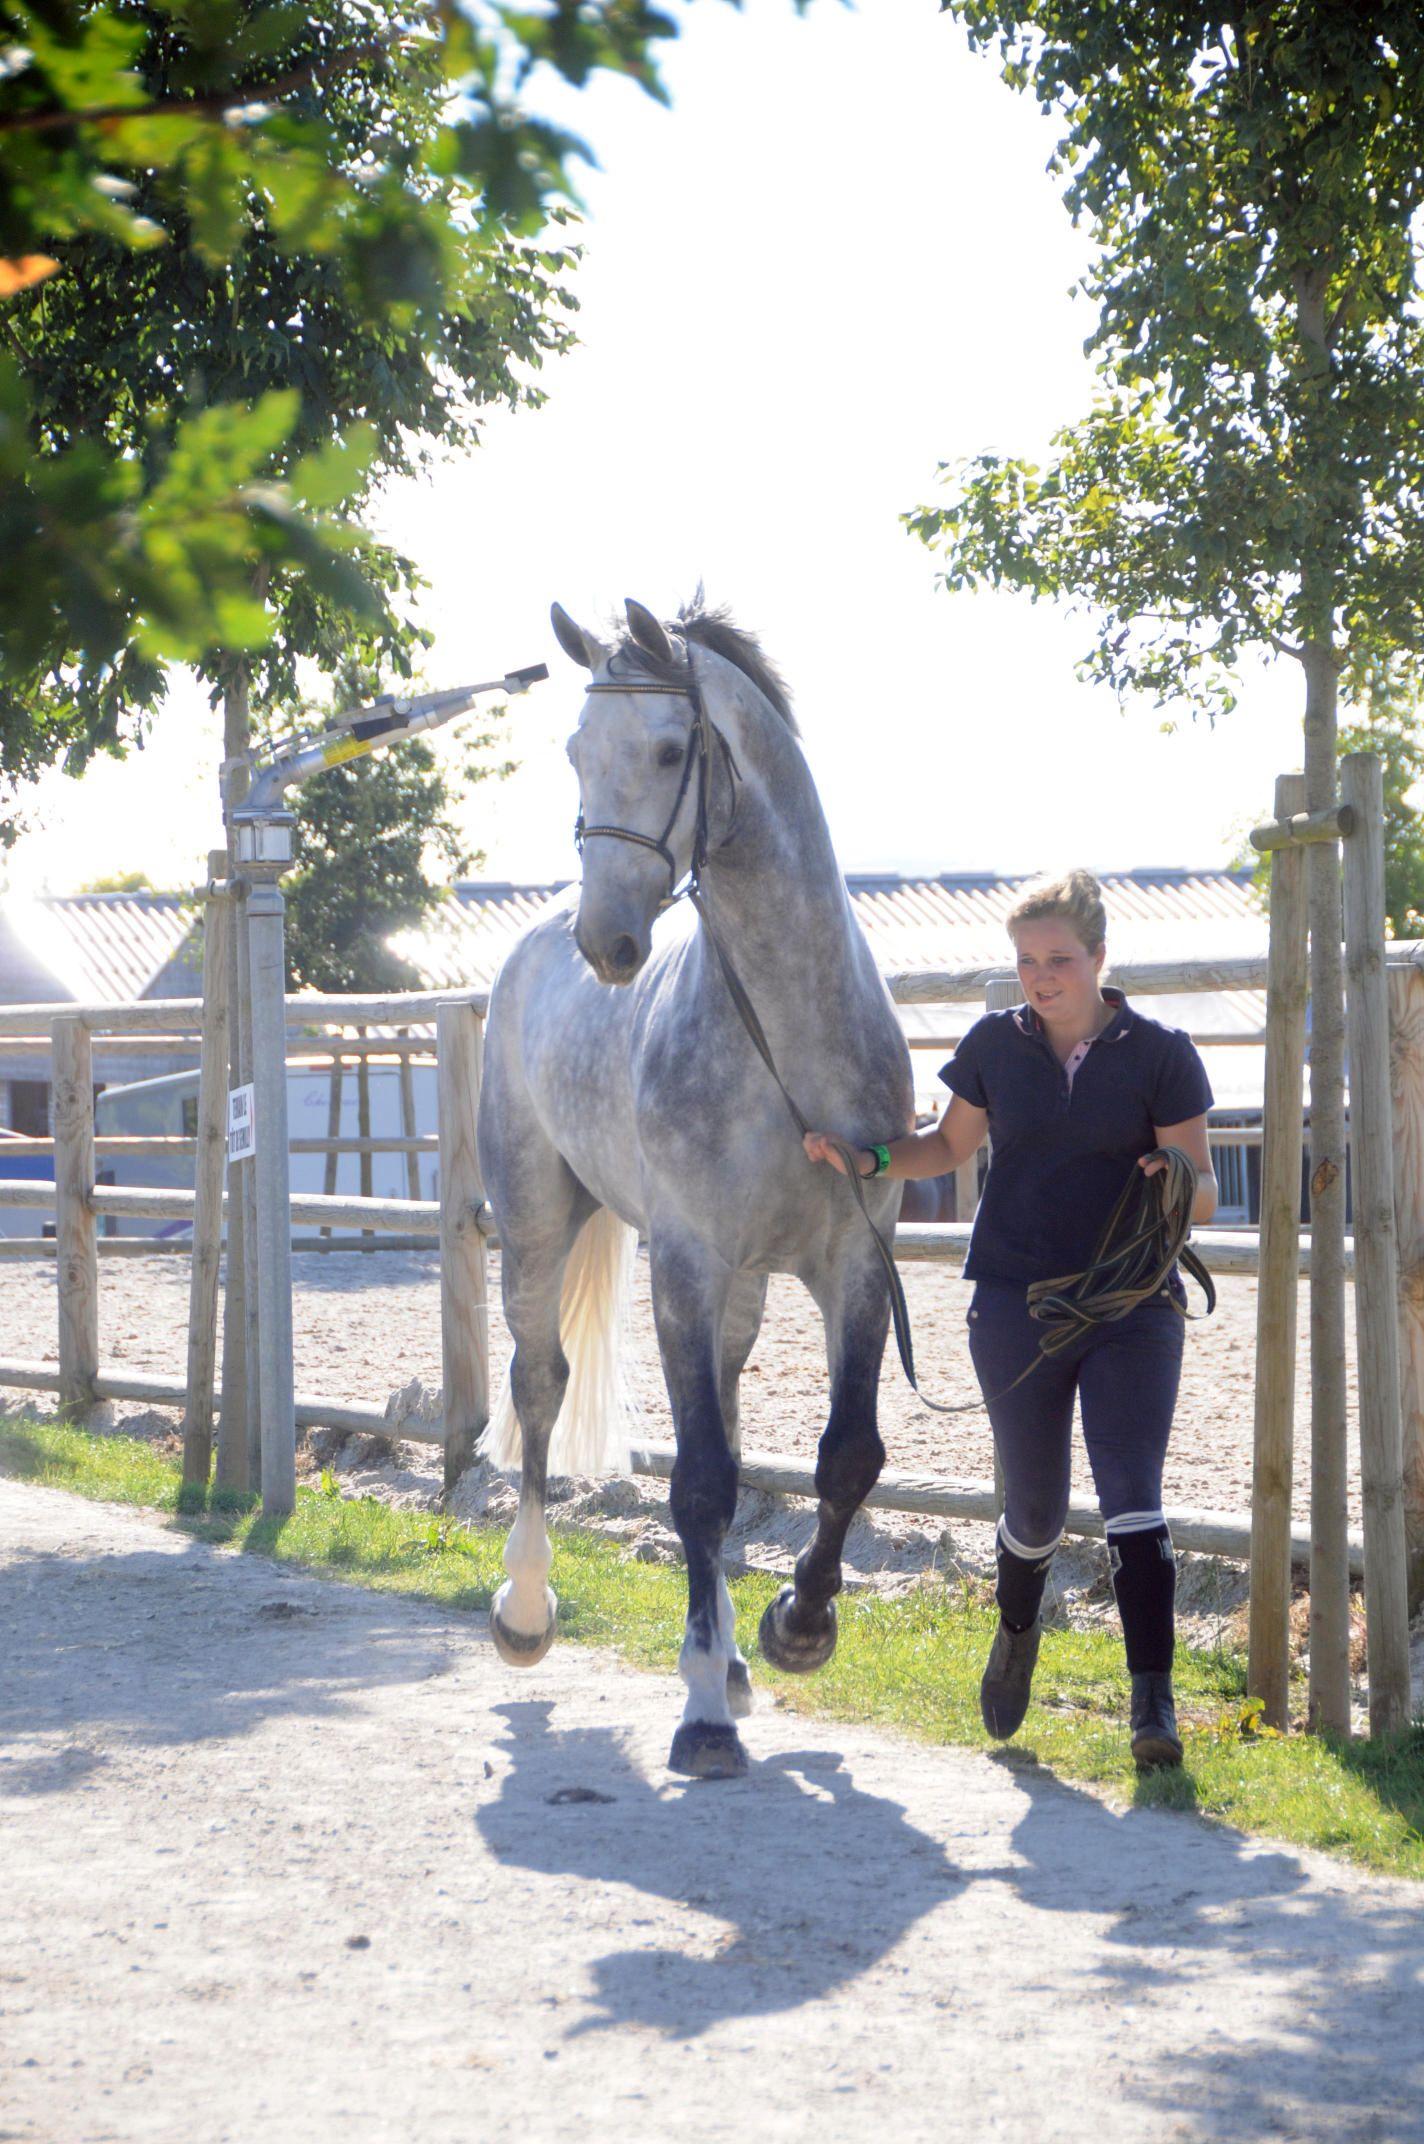 Concours d'élevage - Normandie Horse Show - (c) Pixels Events